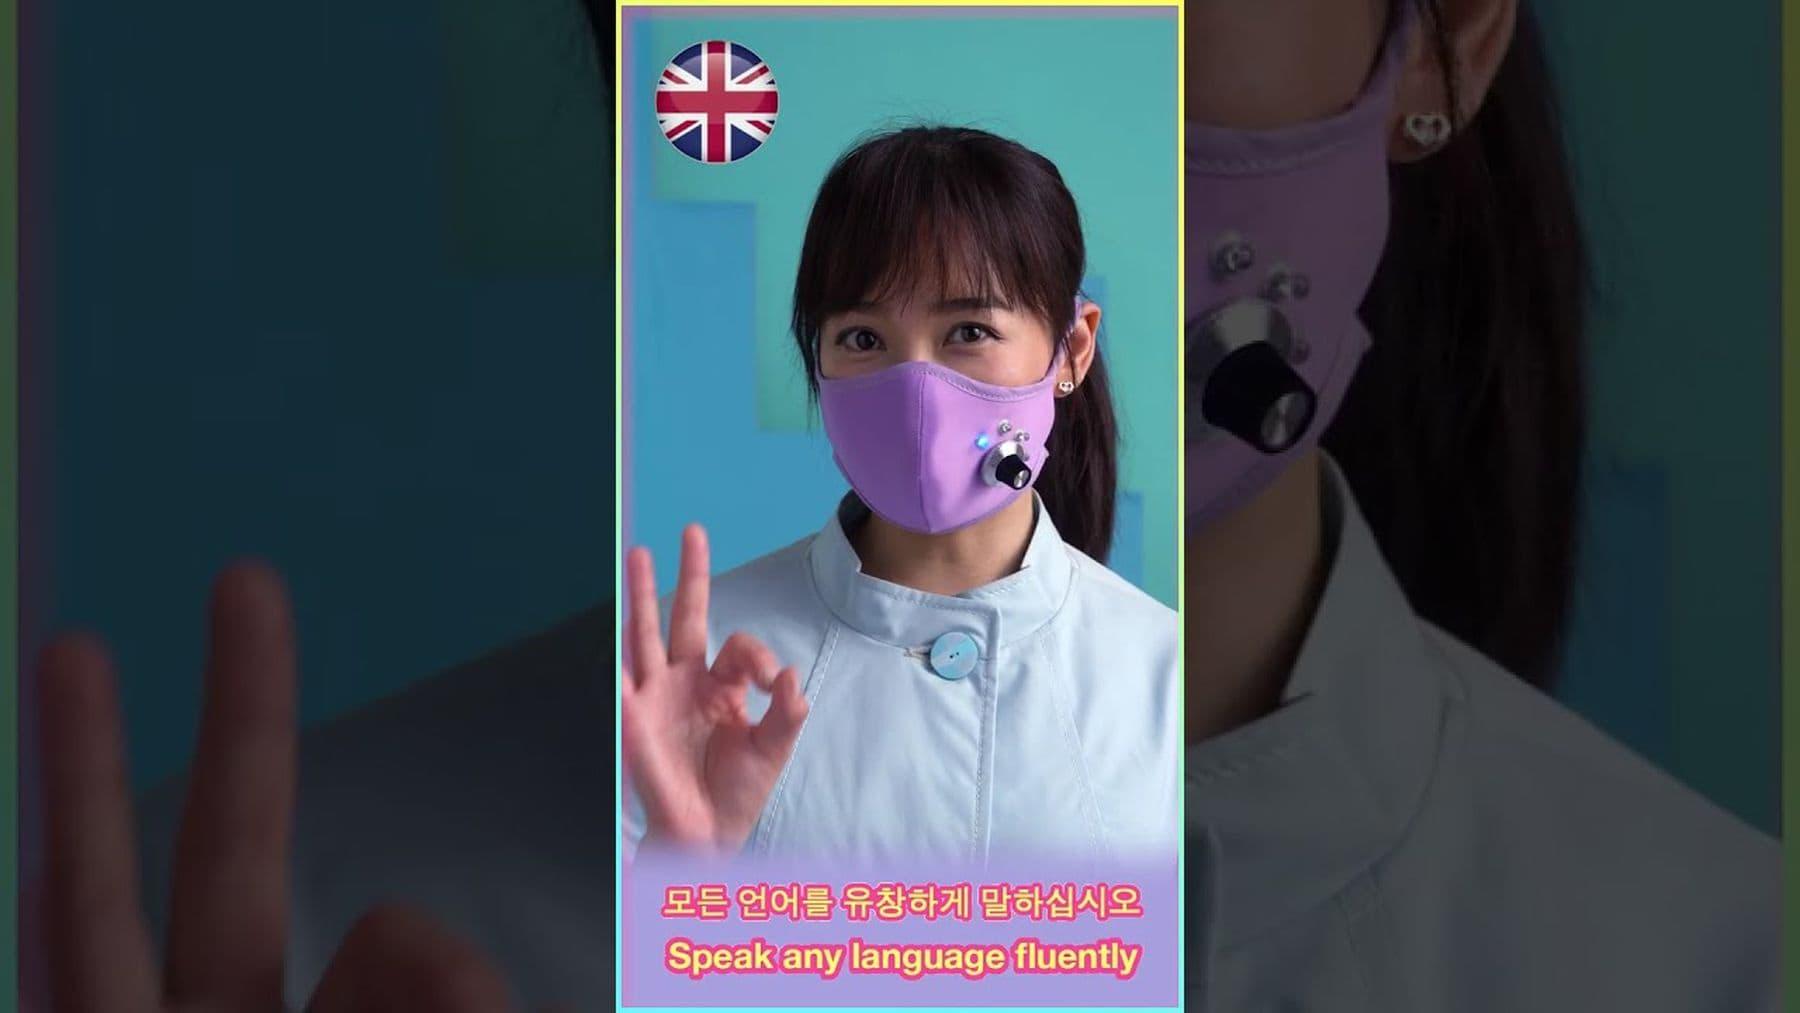 Eine Maske mit Übersetzer und Lautstärke-Regler | Gadgets | Was is hier eigentlich los?